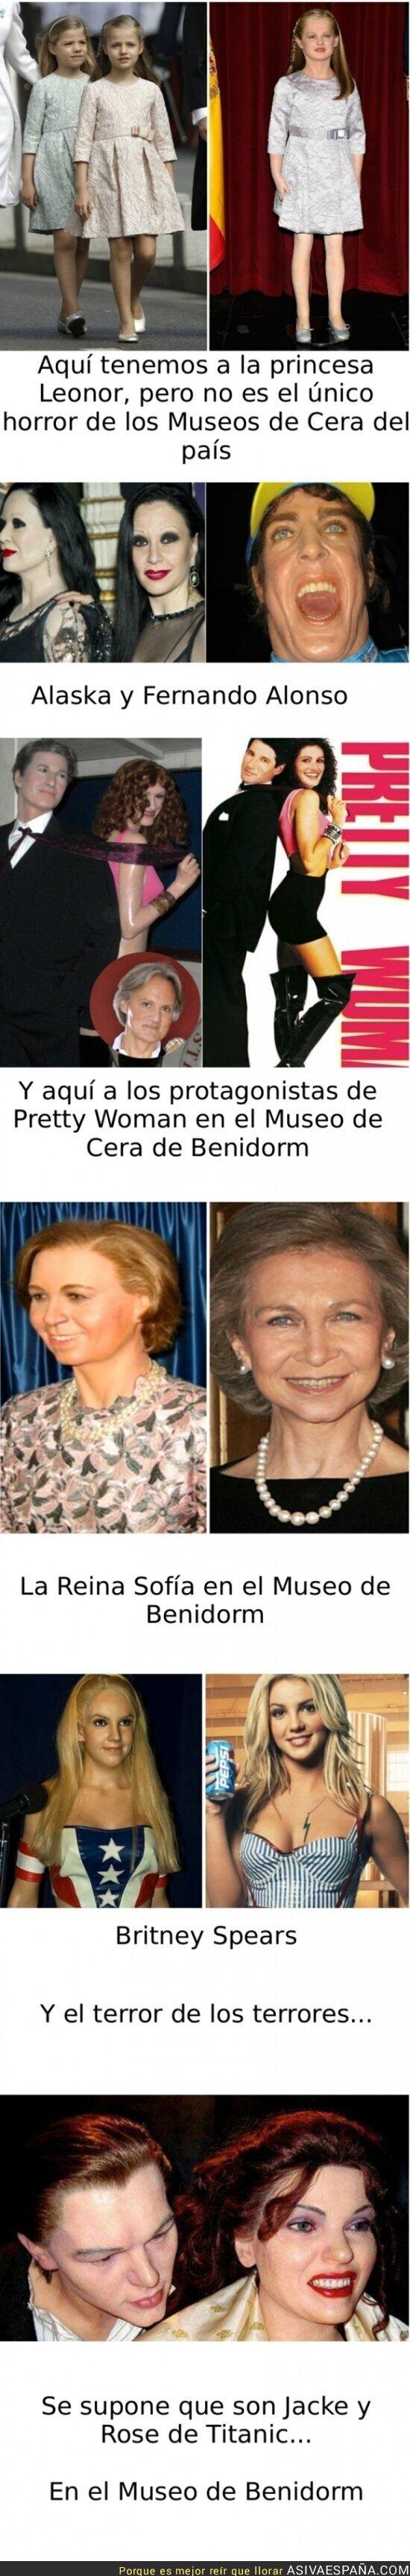 3892 - TERRORES DE MUSEOS DE CERA - Porque no sólo Leonor es víctima de ellos